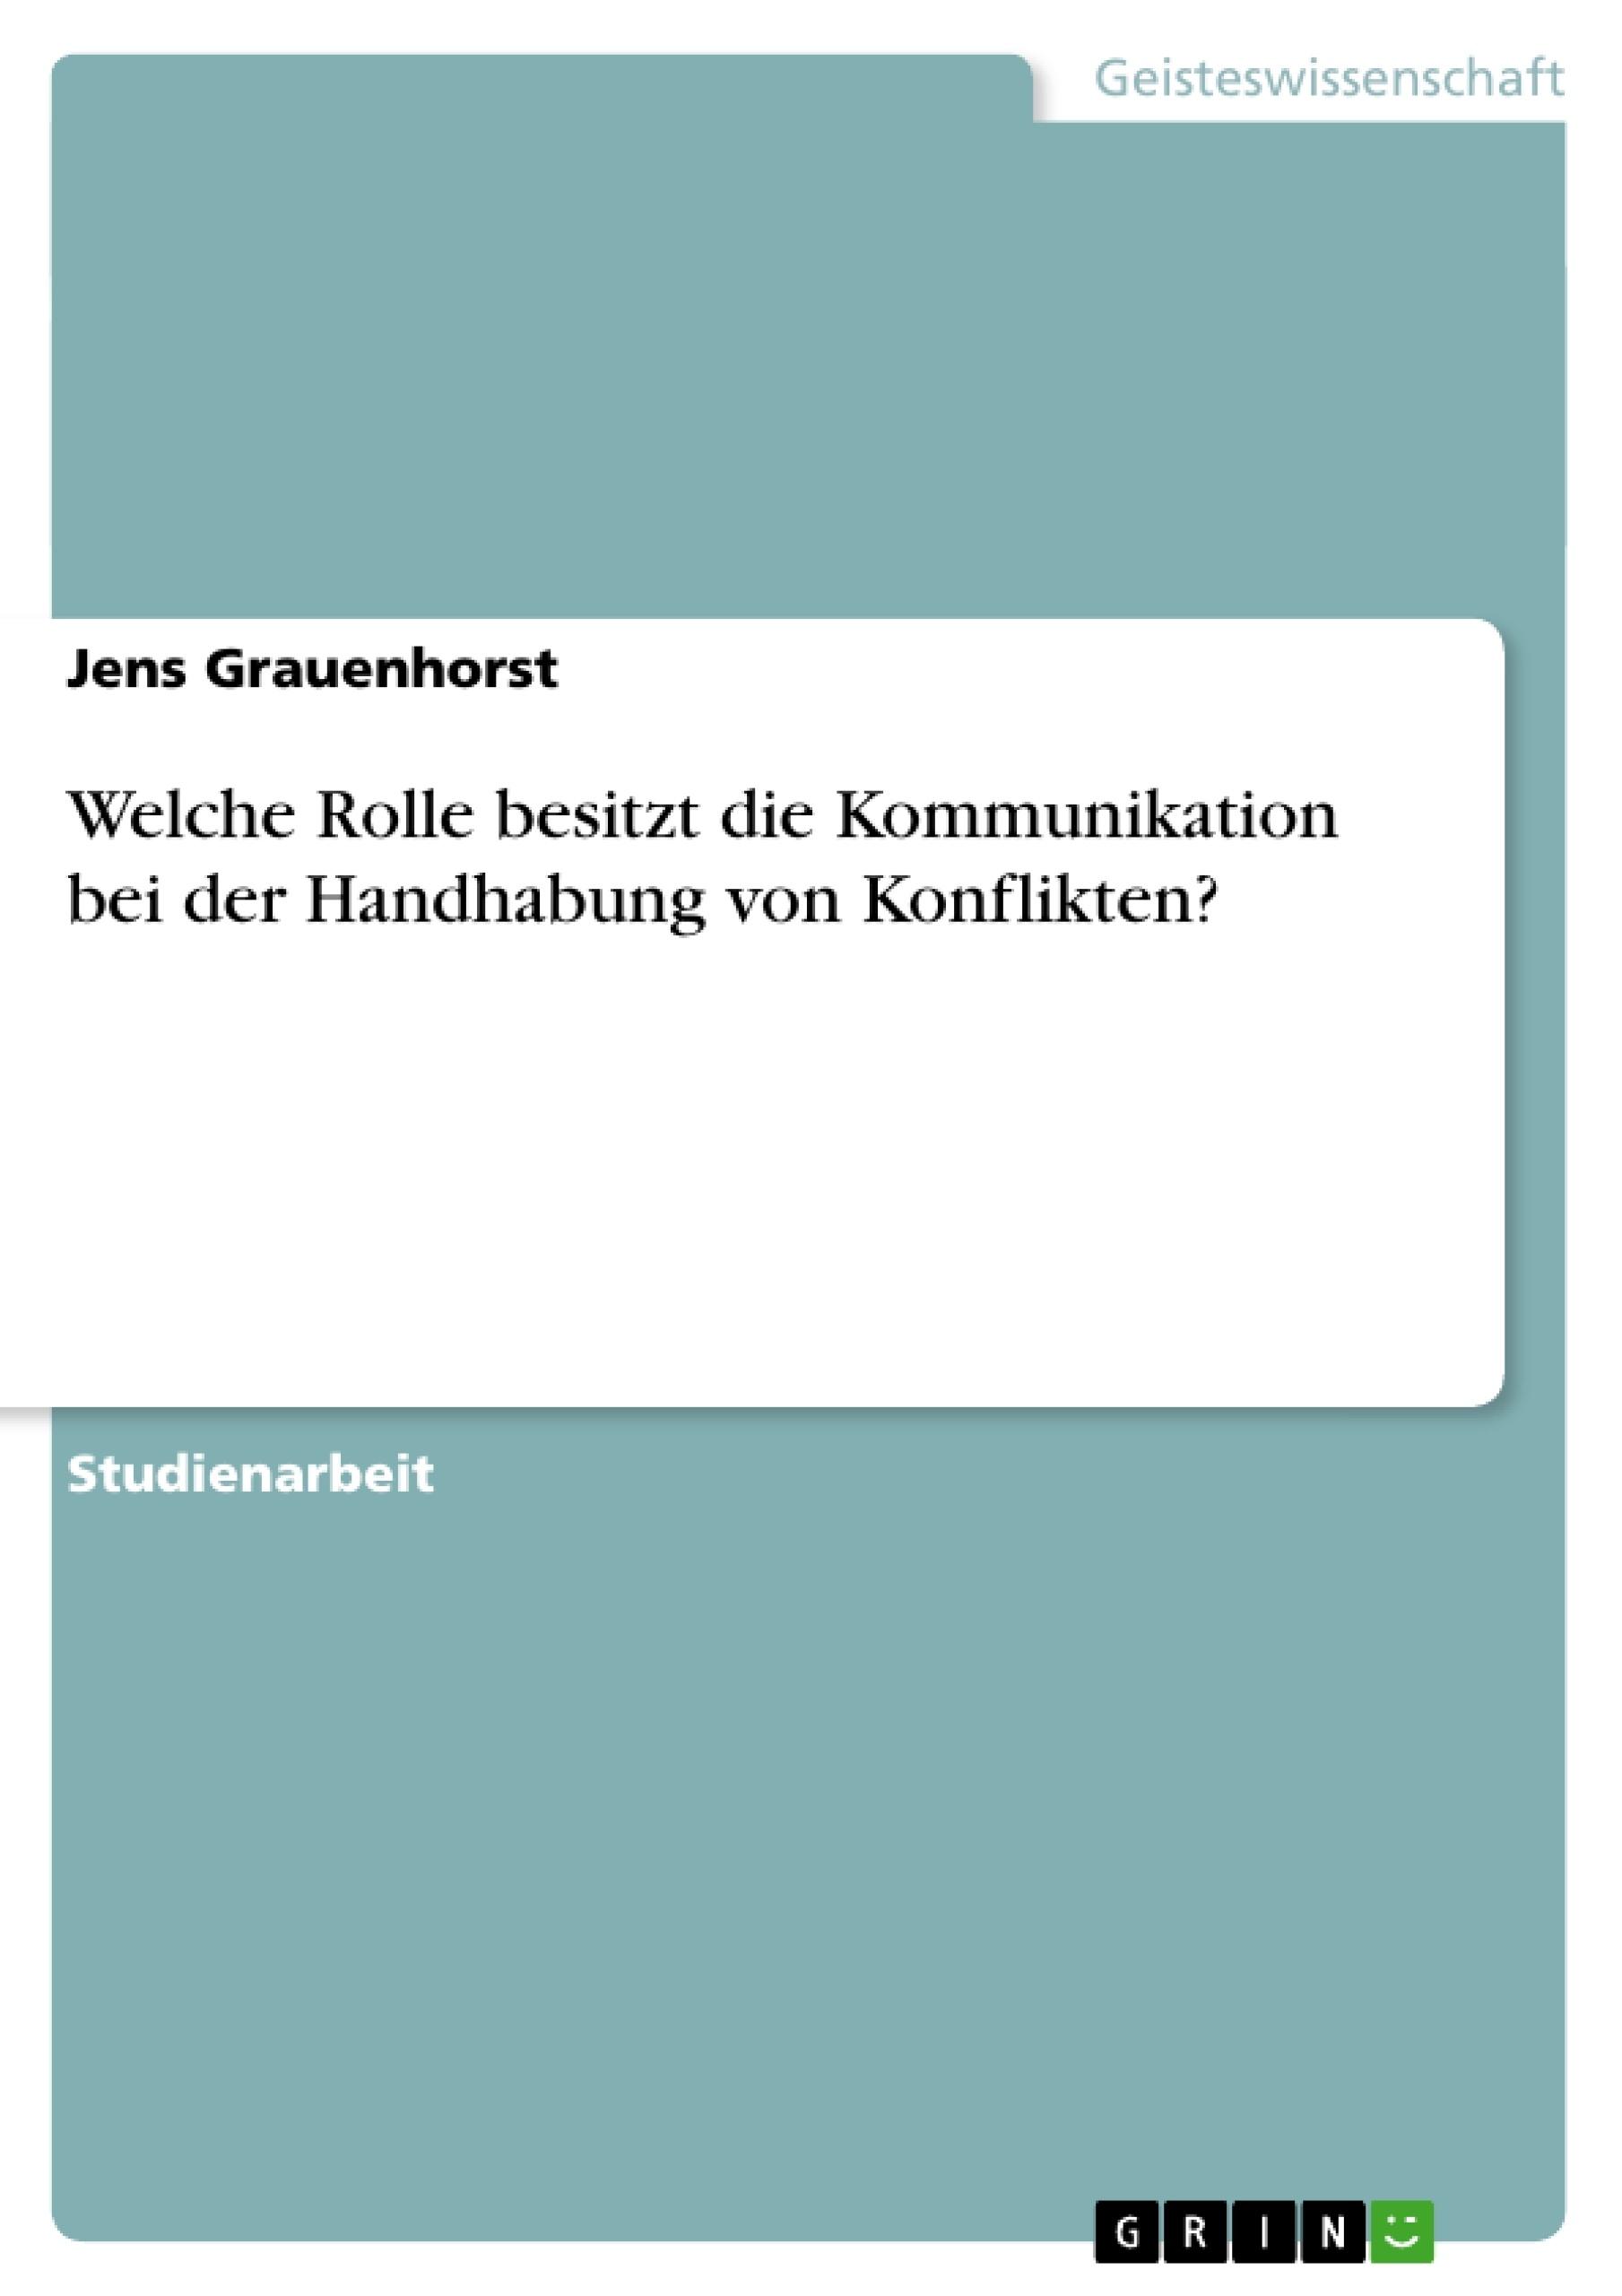 Titel: Welche Rolle besitzt die Kommunikation bei der Handhabung von Konflikten?